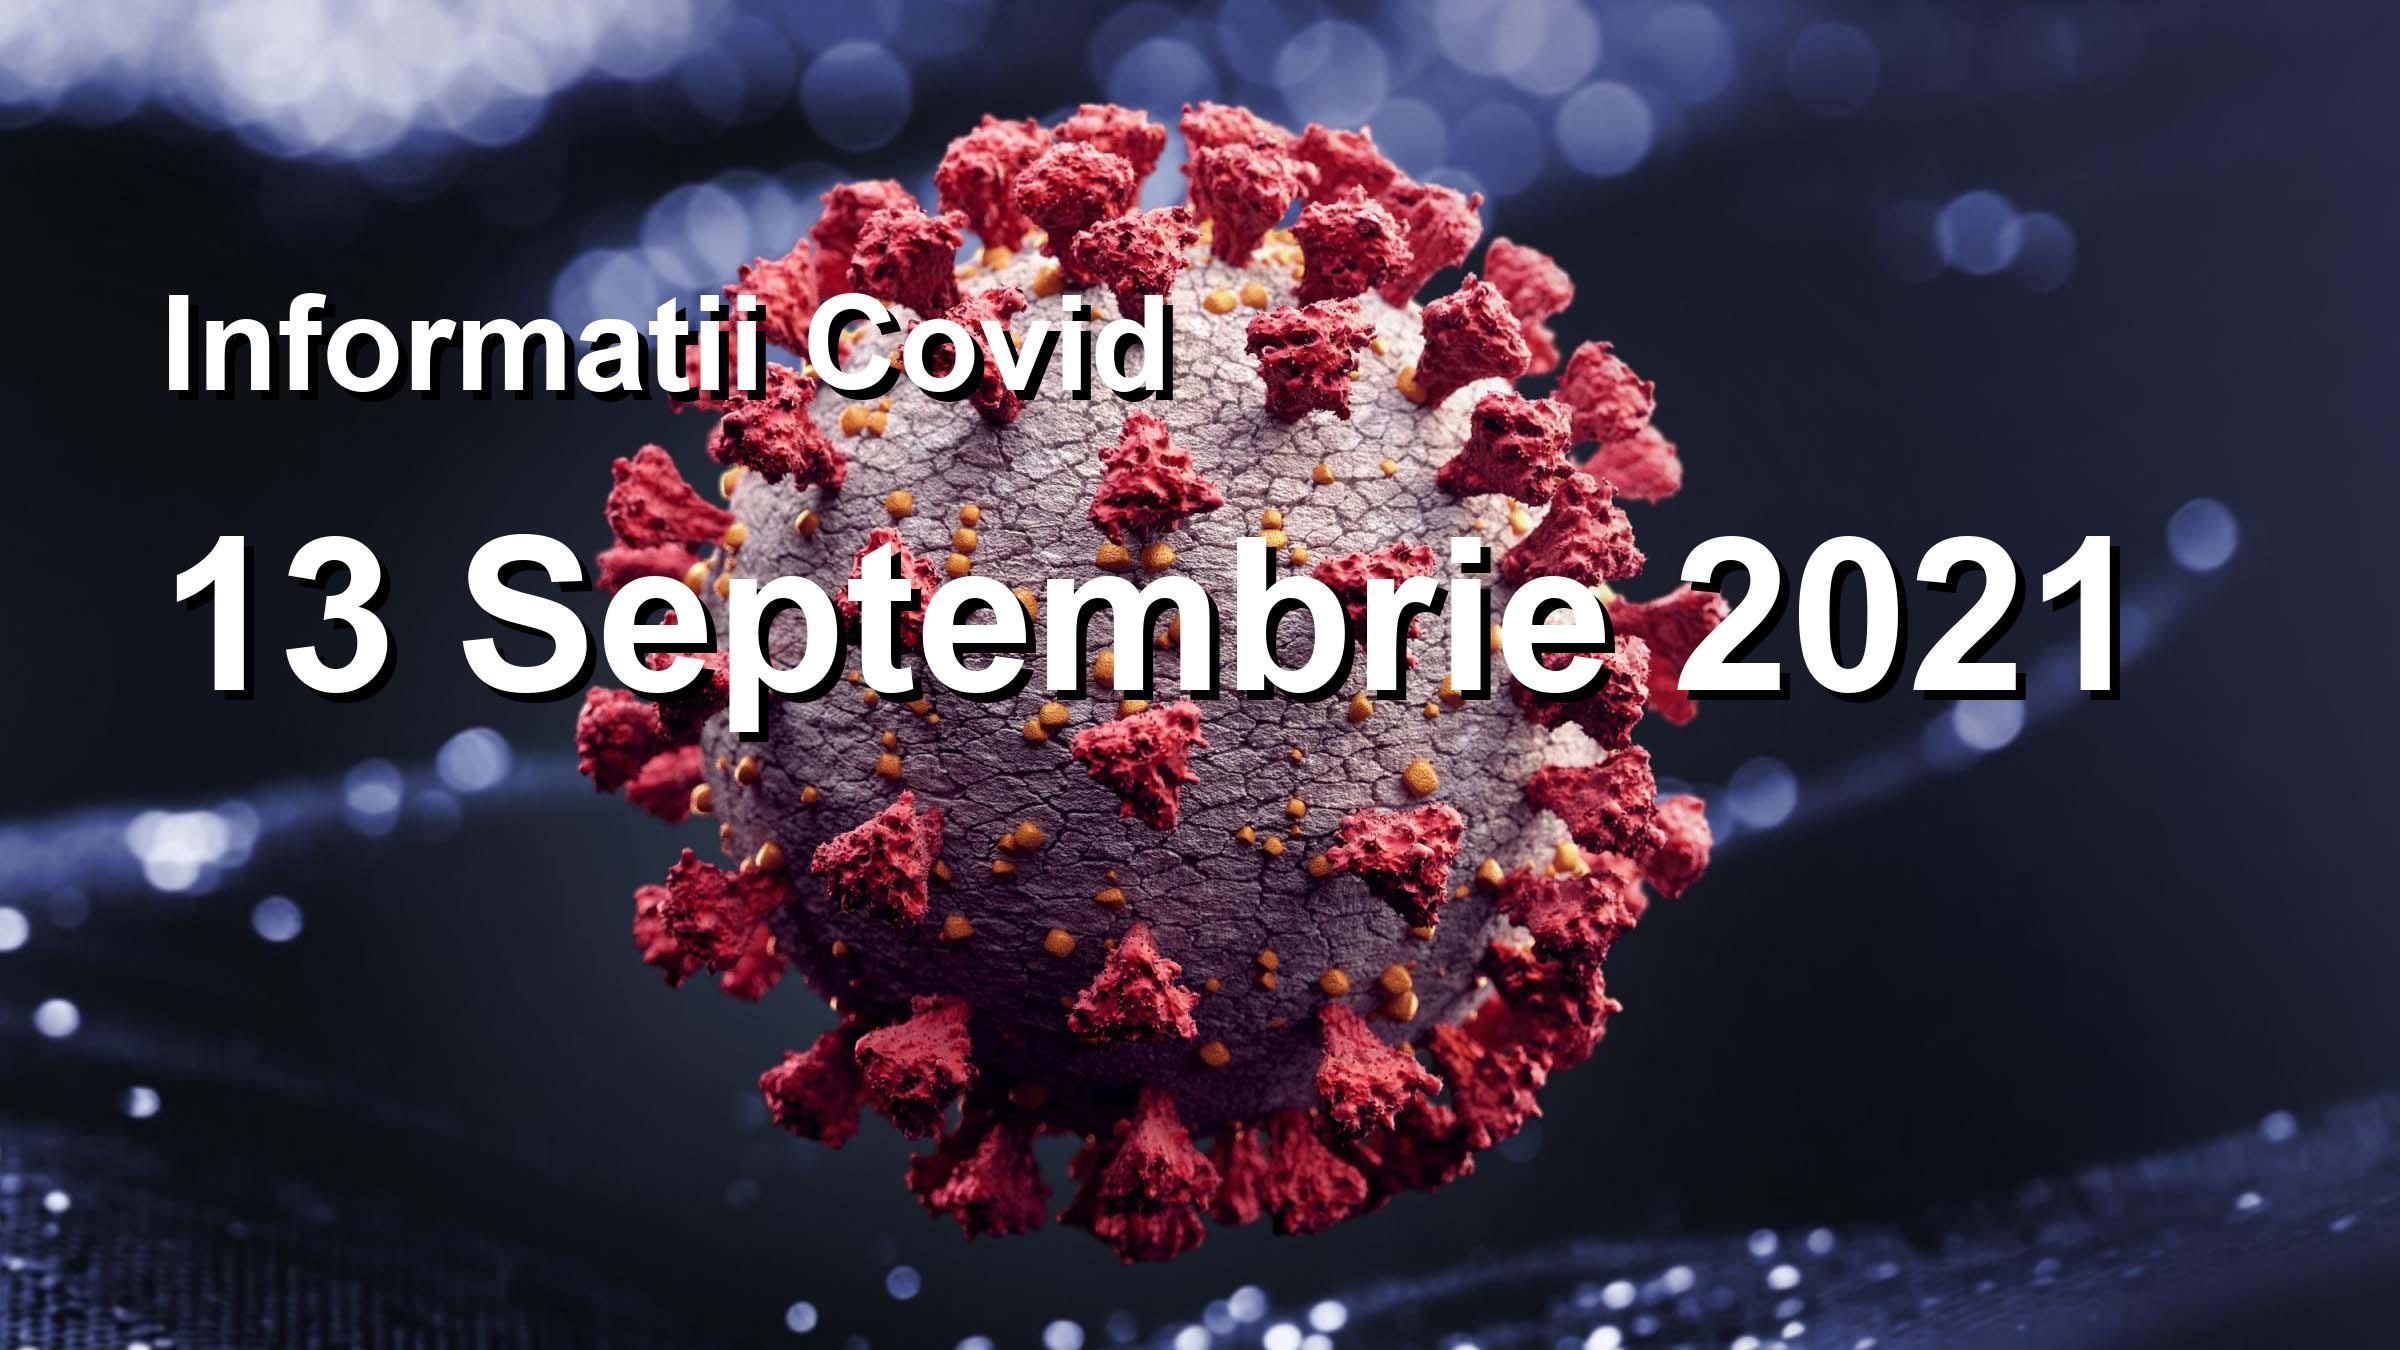 Informatii Covid-19 pentru 13 Septembrie 2021: 1849 infectari, 22032 teste.   Coronavirus Romania